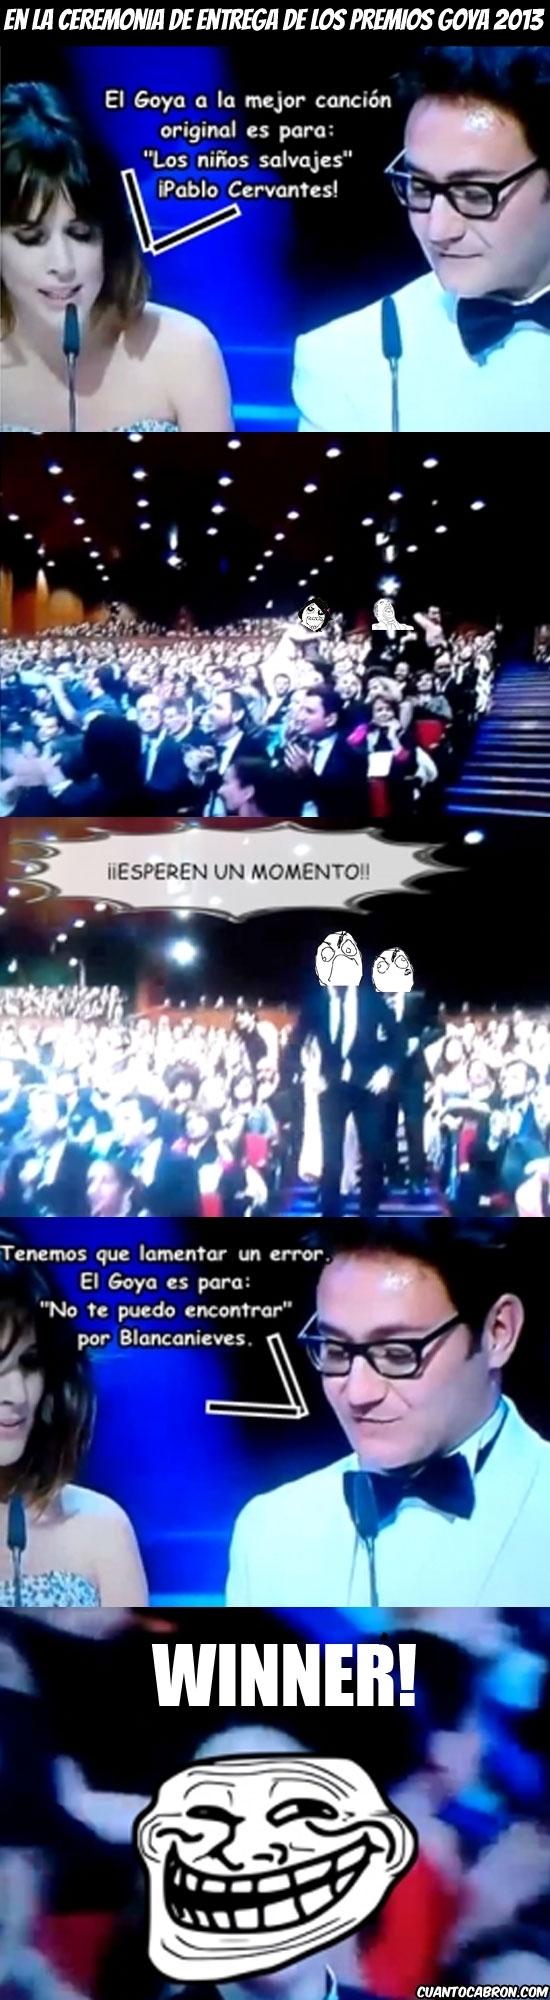 Trollface - Error en los premios Goya 2013